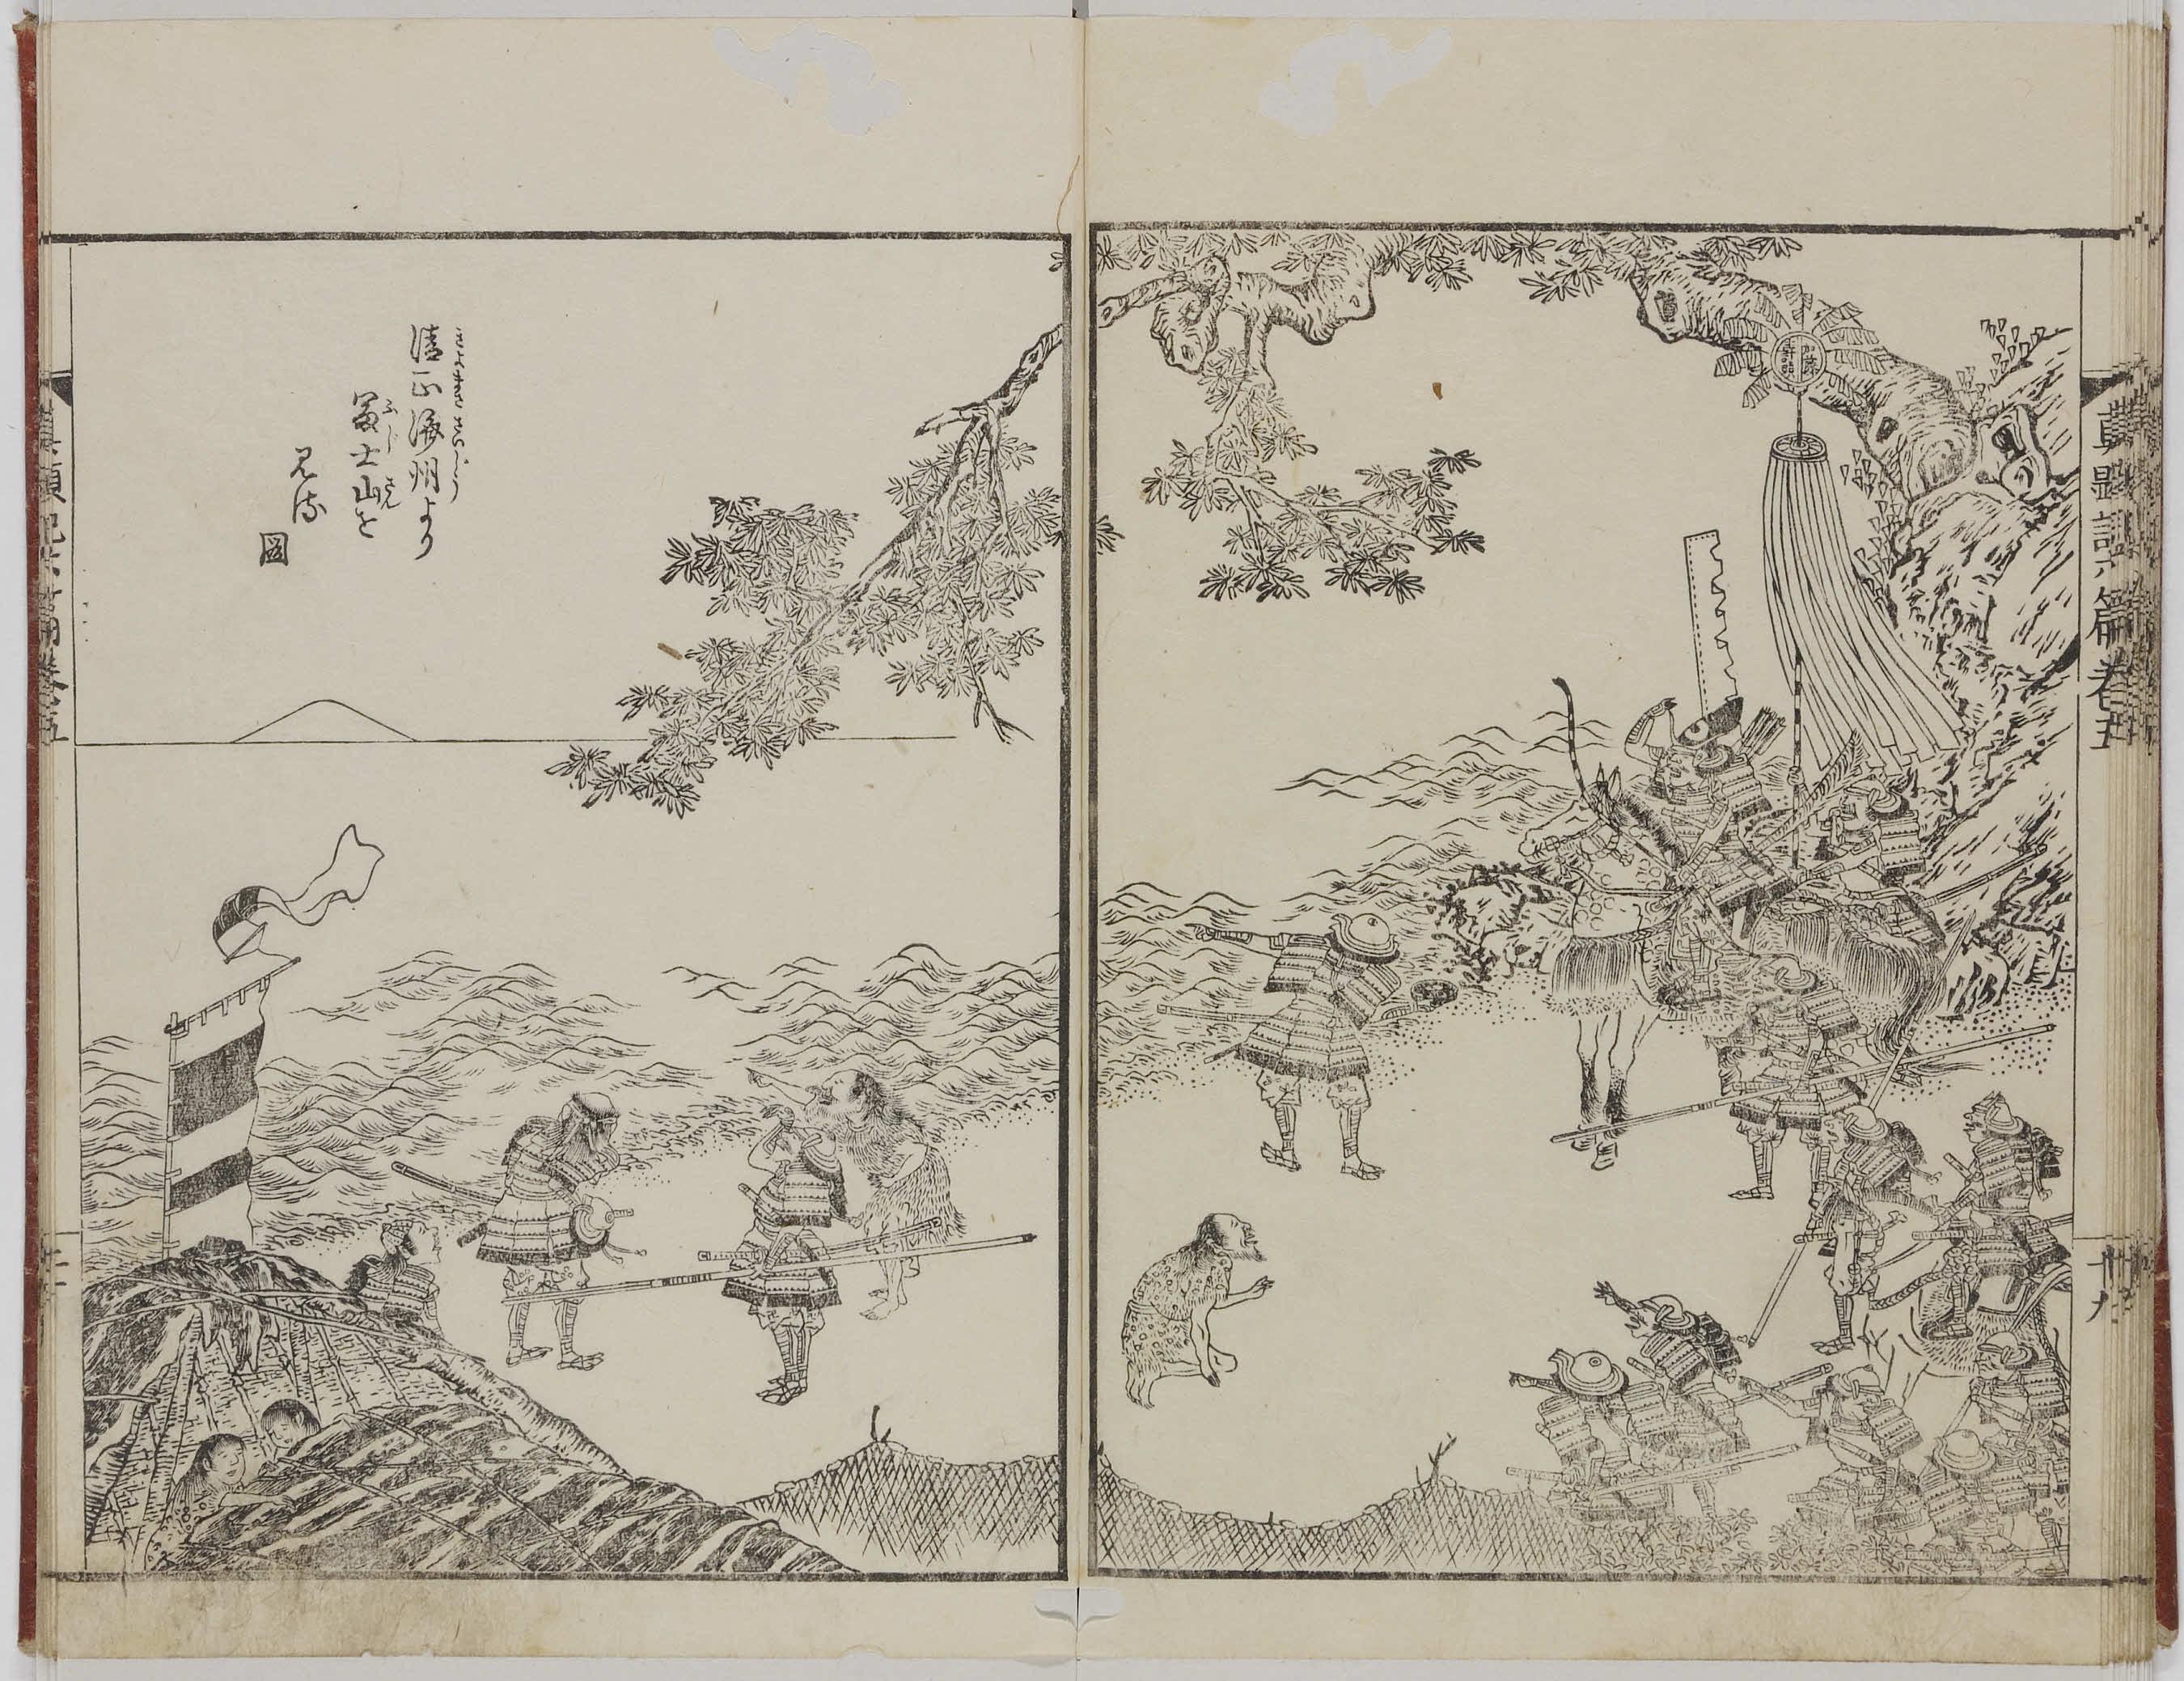 B6-04 清正済州より富士を見る